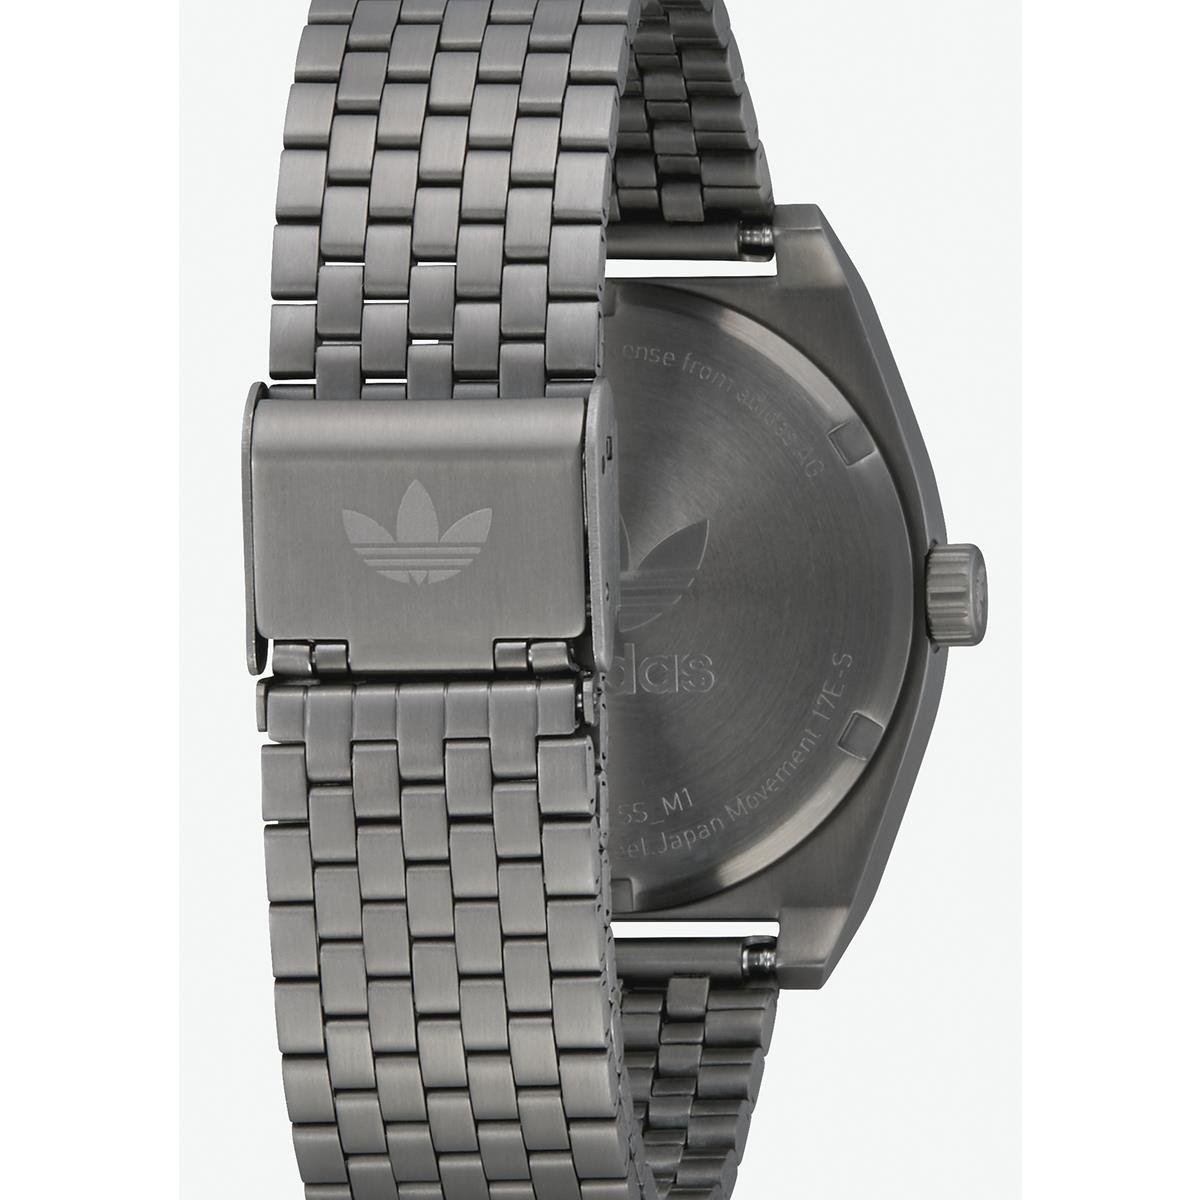 Adidas by Nixon Reloj Analogico para Hombre de Cuarzo con Correa en Acero Inoxidable Z02-680-00: Amazon.es: Relojes